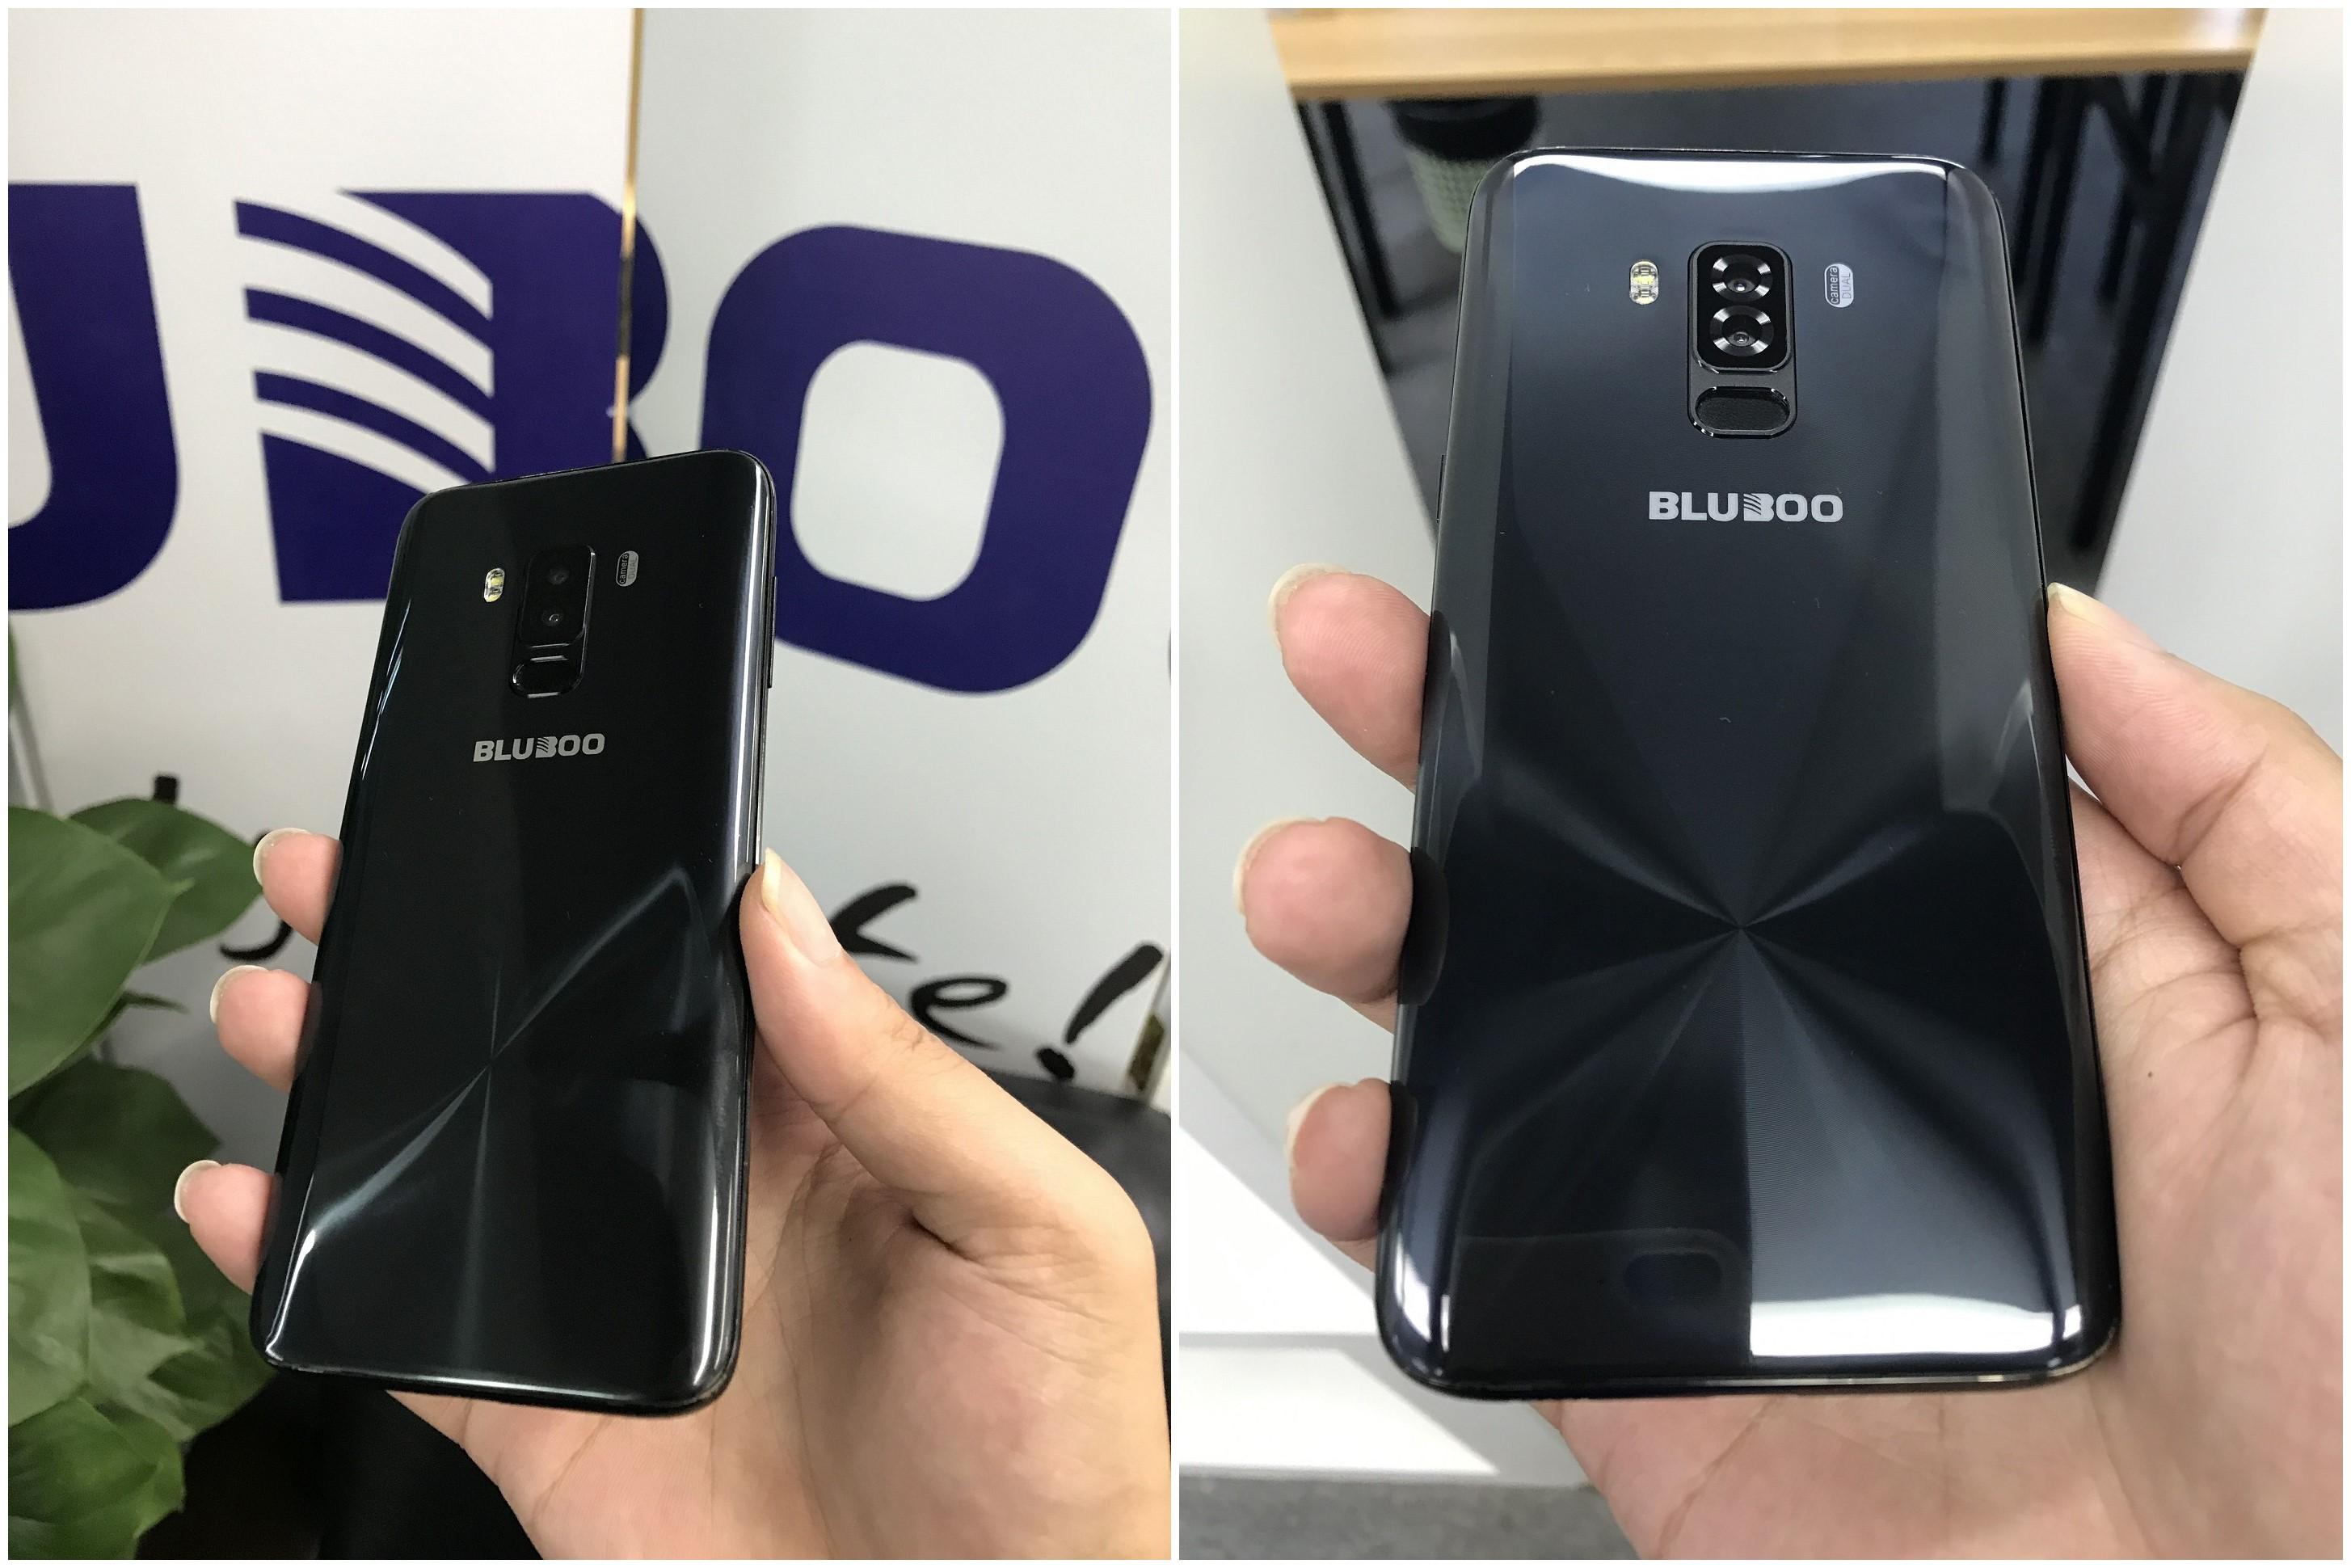 BLUBOO S8 bluboo s8 comparat cu samsung galaxy s8, 80 usd vs 800 usd